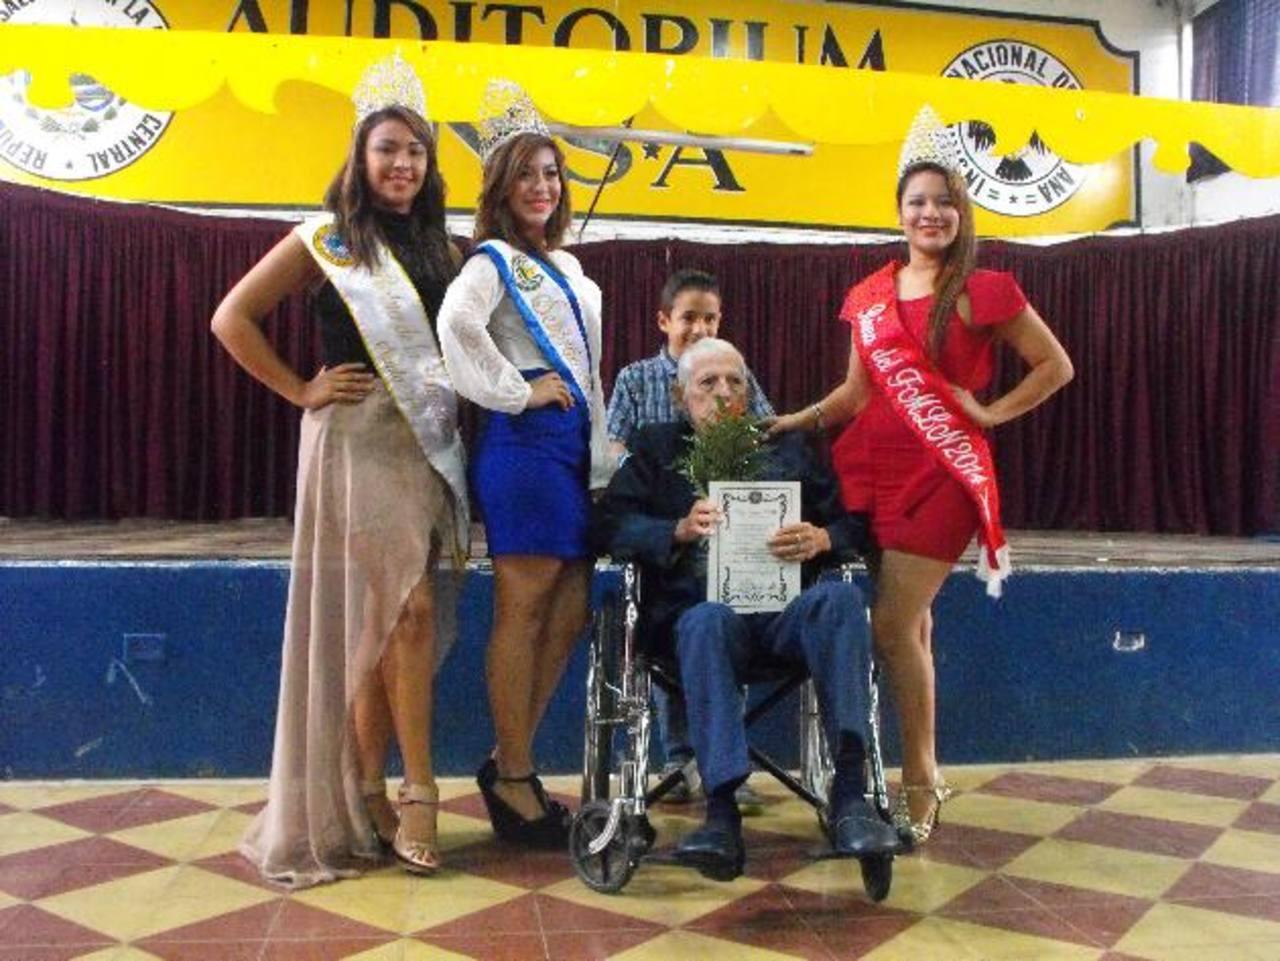 Los alumnos del Instituto Nacional de Santa Ana entregaron los reconocimientos. Foto EDH / Mauricio Guevara